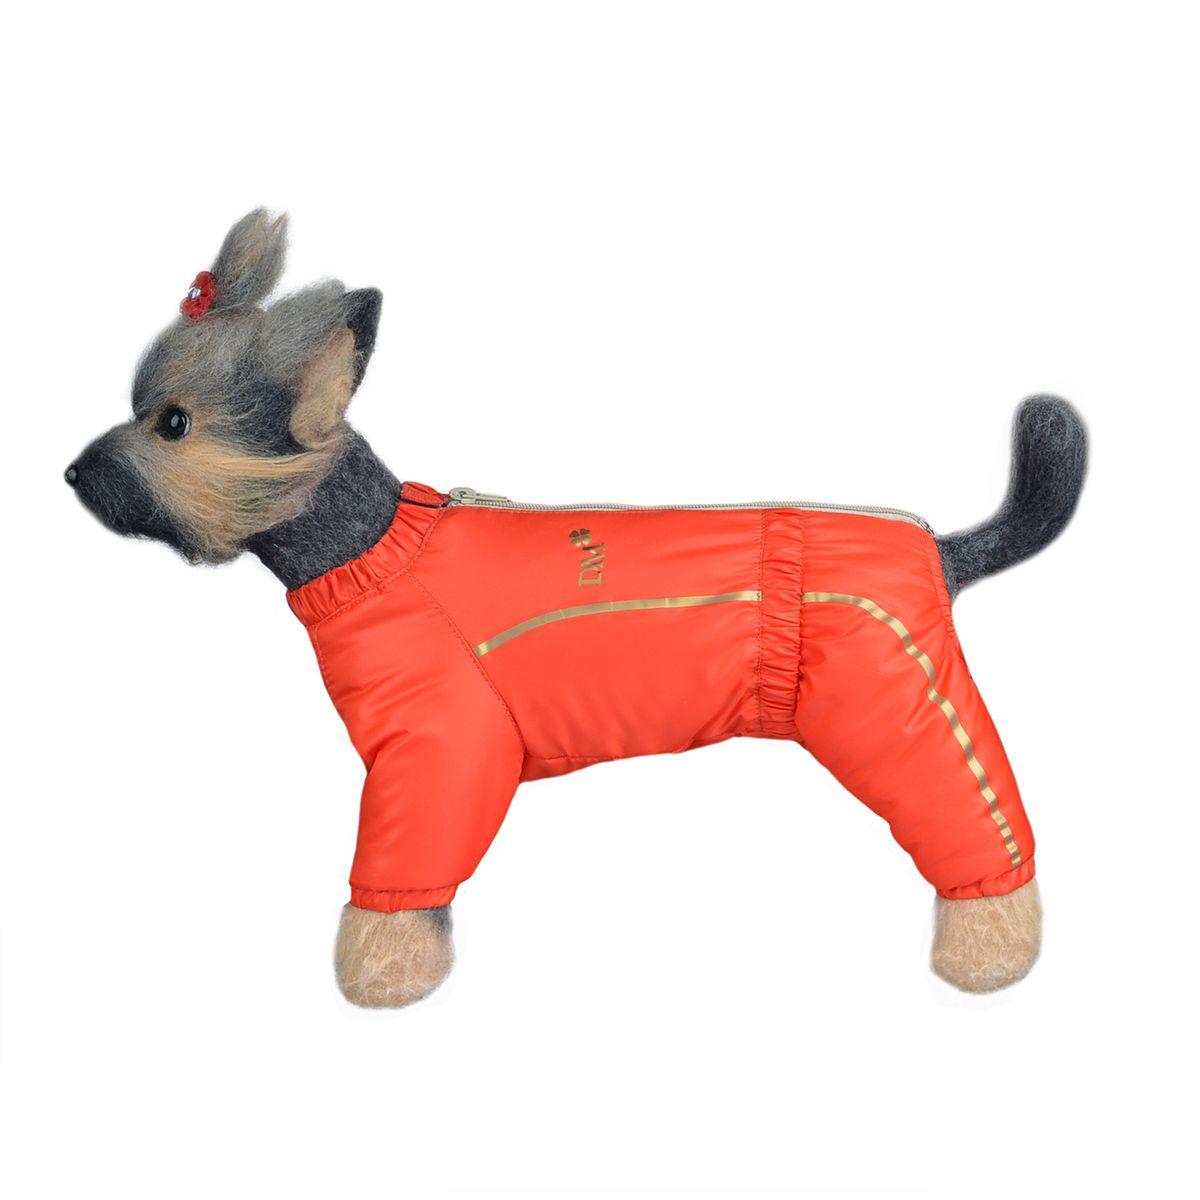 Комбинезон для собак Dogmoda Альпы, зимний, для девочки, цвет: оранжевый. Размер 1 (S)DM-150349-1_оранжевыйтепленный синтепоном и искусственным мехом непромокаемый комбинезон практичного цвета на молнии. Закрытая зона живота. Абсолютное тепло и защищенность зимой. В новом сезоне DOGMODA рада предложить Вам стильную, современную, универсальную модель для создания базового гардероба любимого питомца – комбинезоны линии АЛЬПЫ. Дорогая простота комбинезонов этой линии подчеркнута высоким качеством материалов и безупречной элегантностью кроя, что отразит прекрасный вкус владельца. Линия АЛЬПЫ представлена моделями для любой погоды. Комбинезон на тонкой подкладке защитит Вашего питомца в сырую и холодную погоду сентября. Модель с подкладкой из мягкого флиса не даст любимцу продрогнуть на прогулке в ноябрьское ненастье. А непромокаемый комбинезон на меховой подкладке с утеплителем на основе синтепона позволит испытать не сравнимое удовольствие от снежных игр и забав. Чтобы каждый мог выбрать одежду питомцу по характеру и настроению, DOGMODA предлагает многообразие цветовых решений отдельно для...